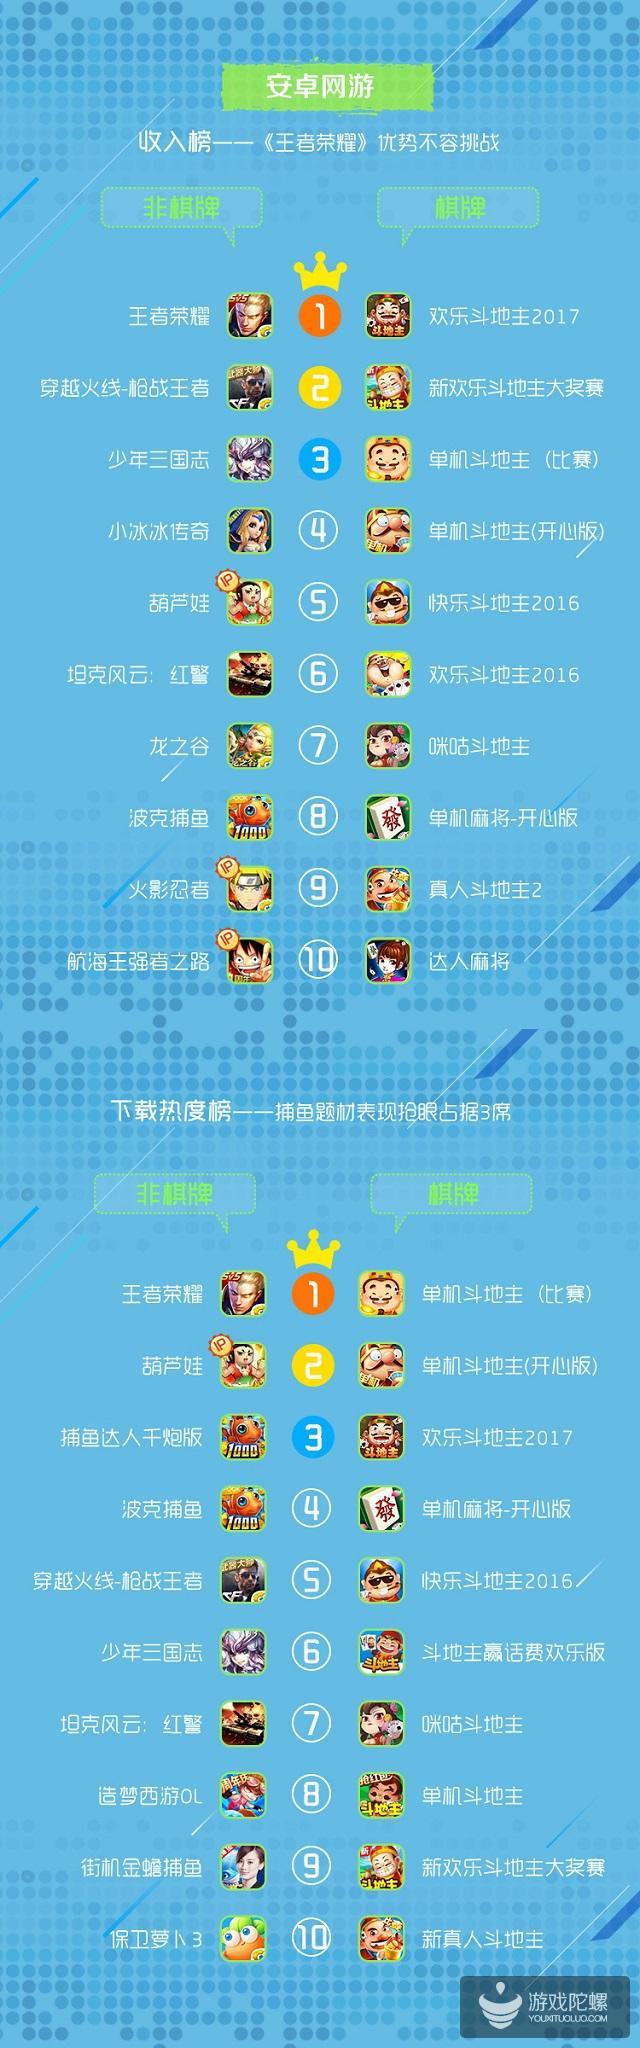 咪咕游戏6月数据报告:人均用户体验1.84款游戏,轻休闲题材最受欢迎